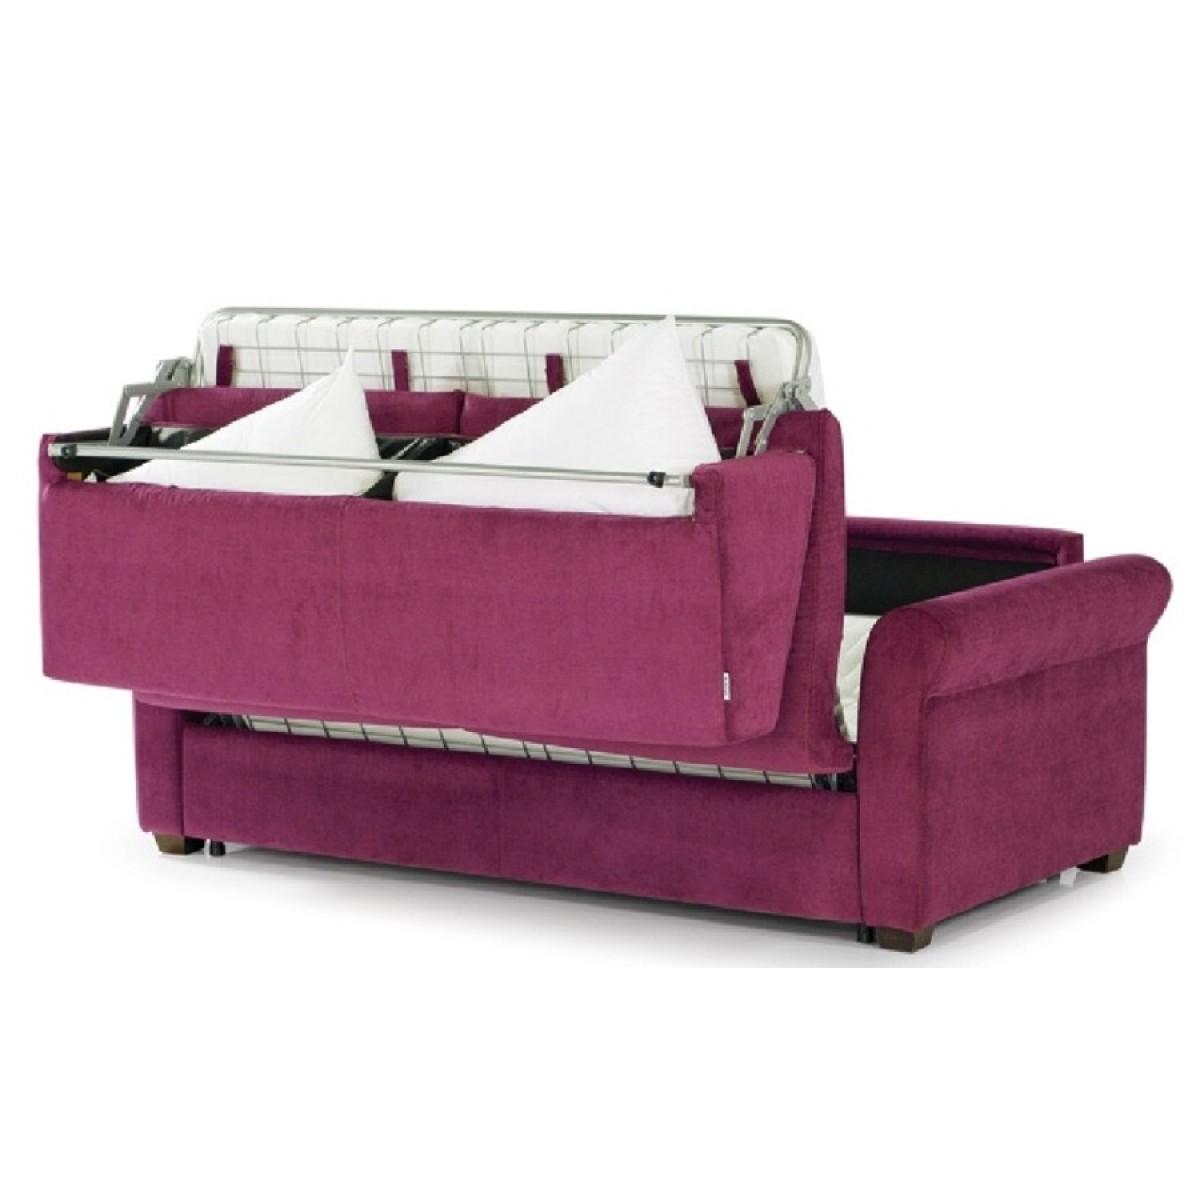 Divano letto roller classico arredamenti di lorenzo napoli for Divano 210 cm